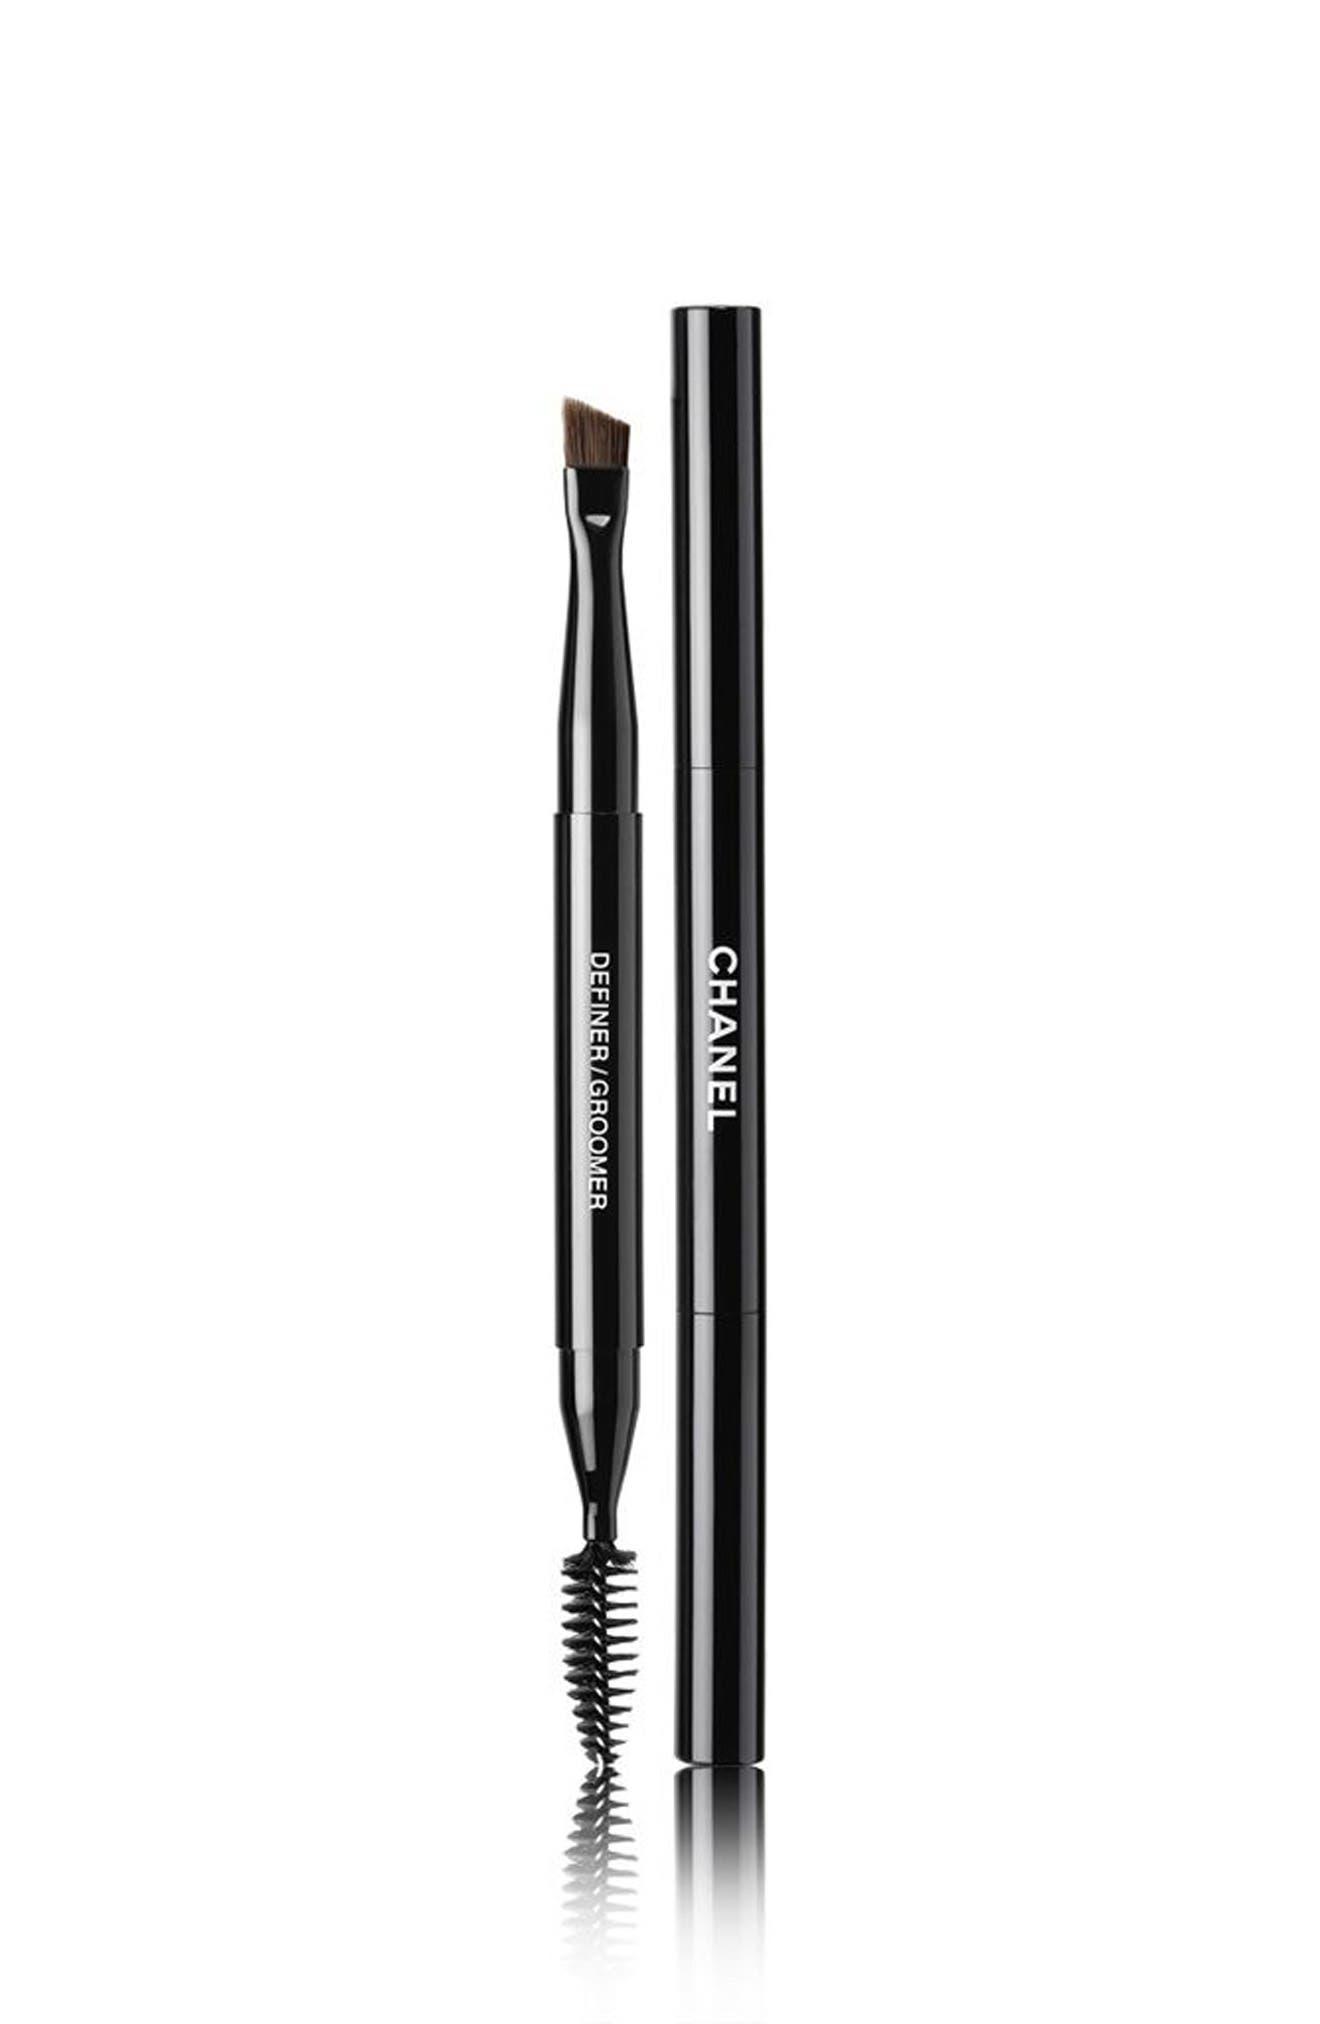 CHANEL LES PINCEAUX DE CHANEL  Retractable Dual-Tip Brow Brush